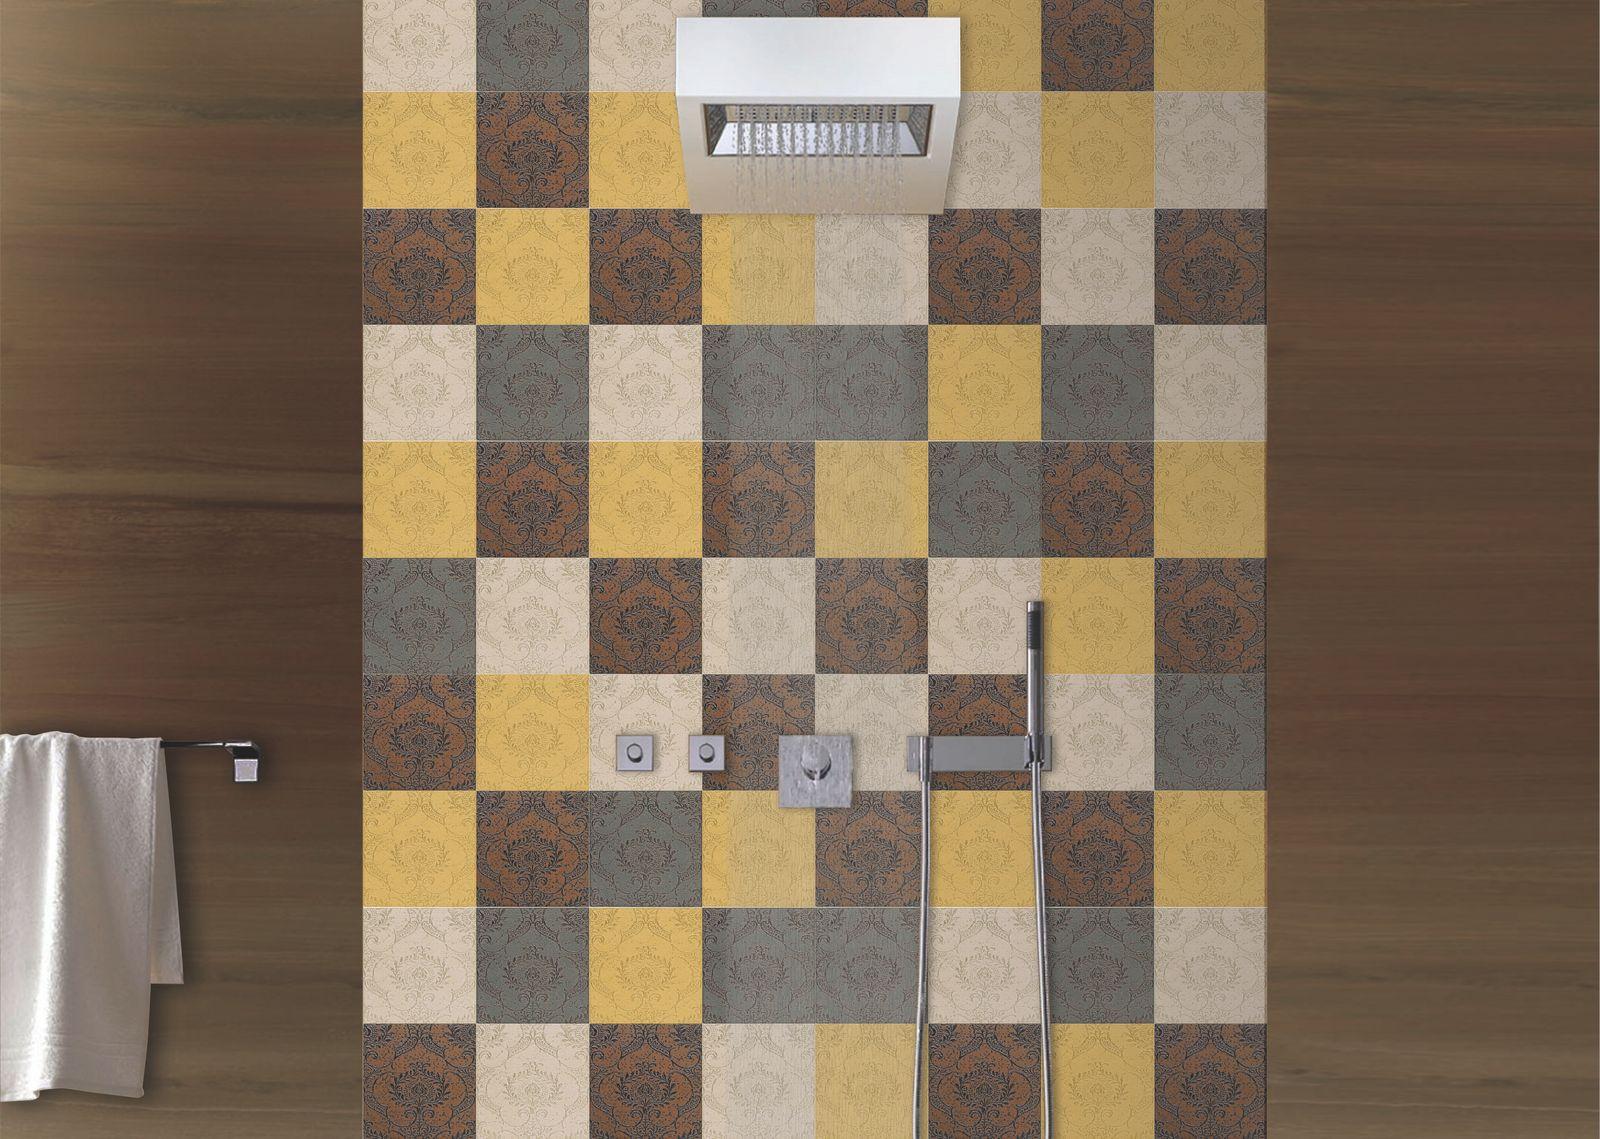 neoart 1026 1027 1028 1029 15x15 cm layout result